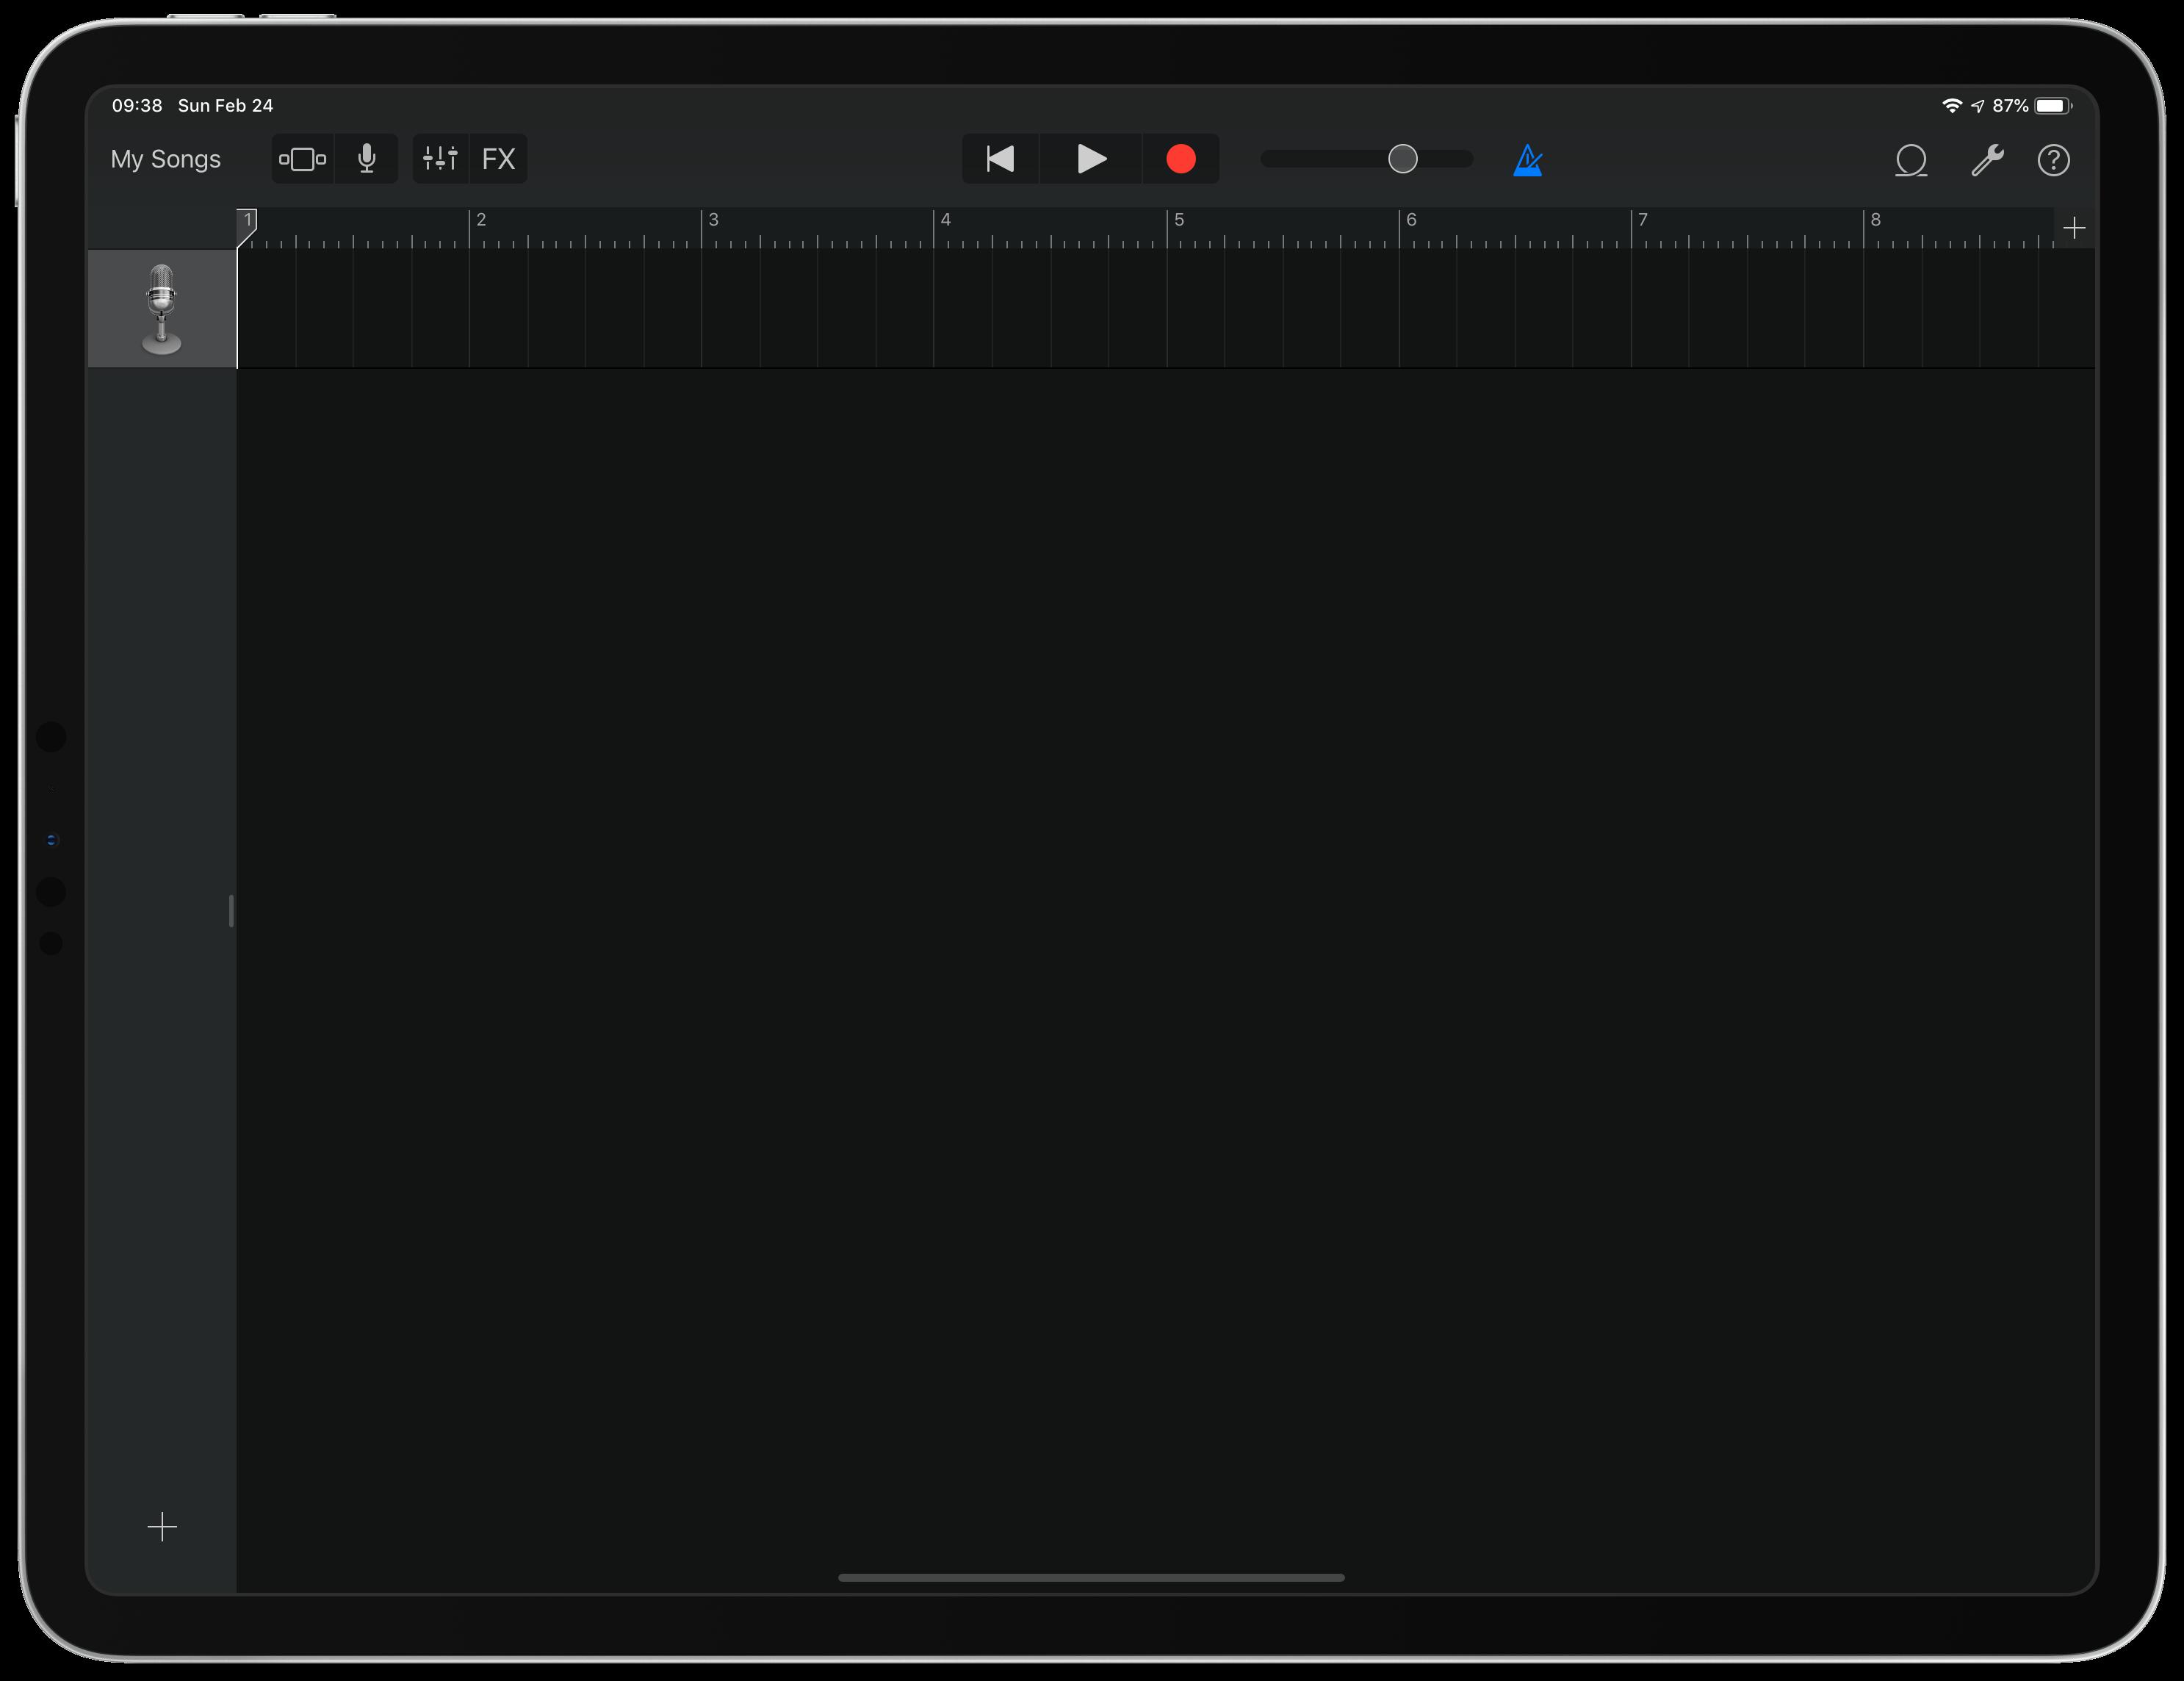 GarageBand Track View